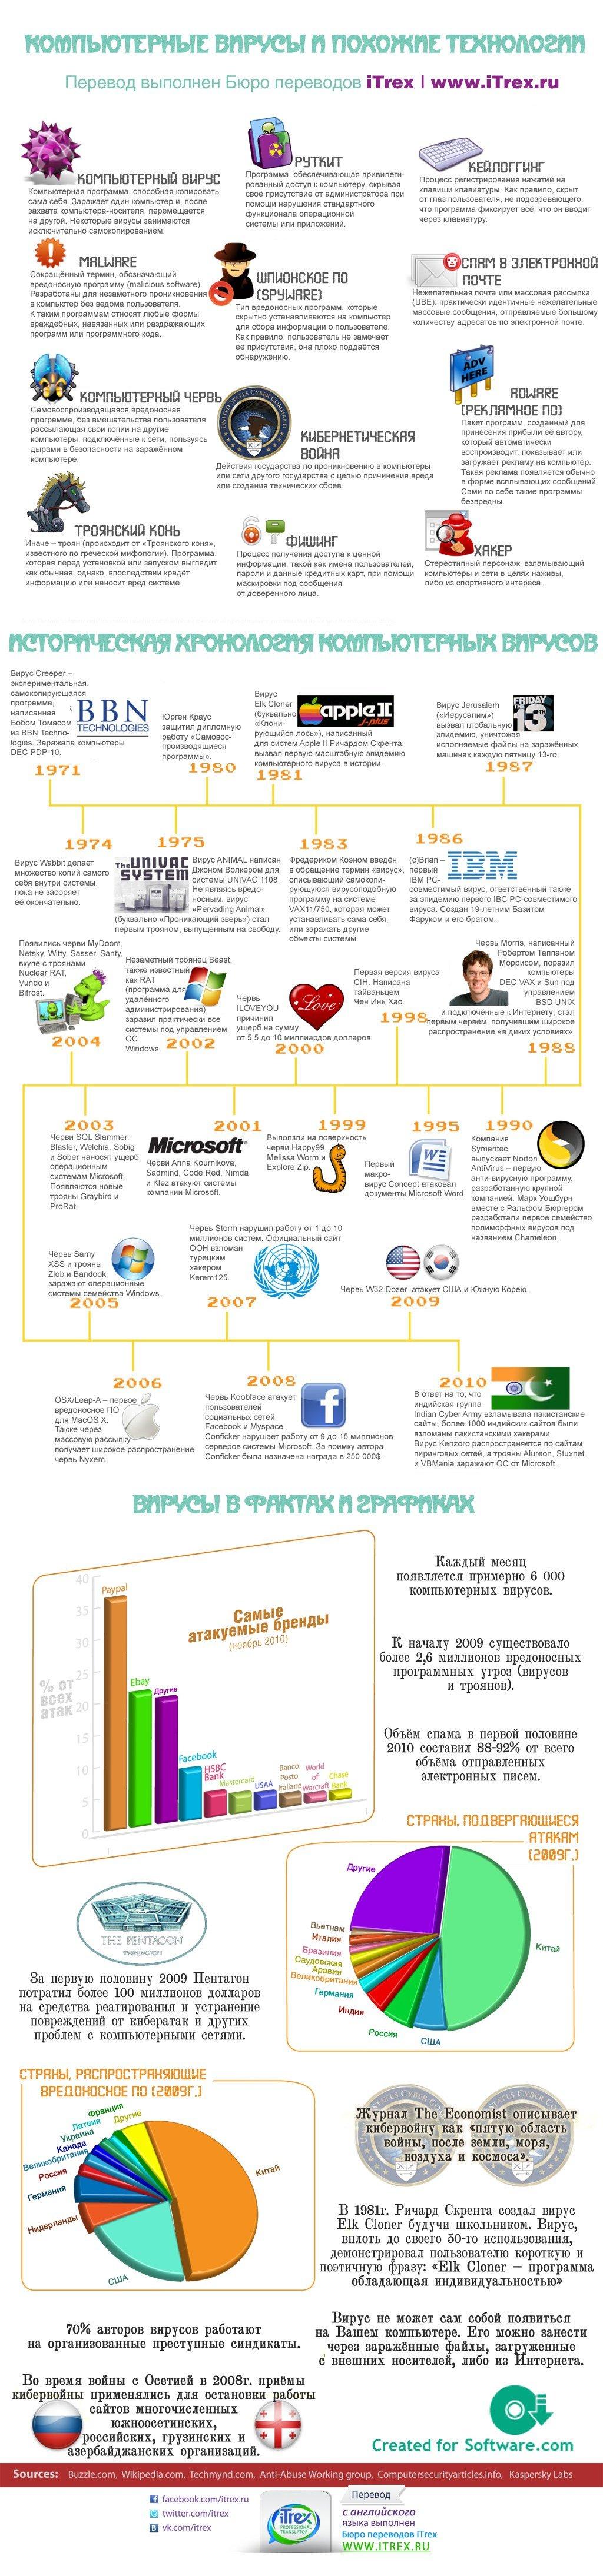 Компьютерные вирусы и похожие технологии